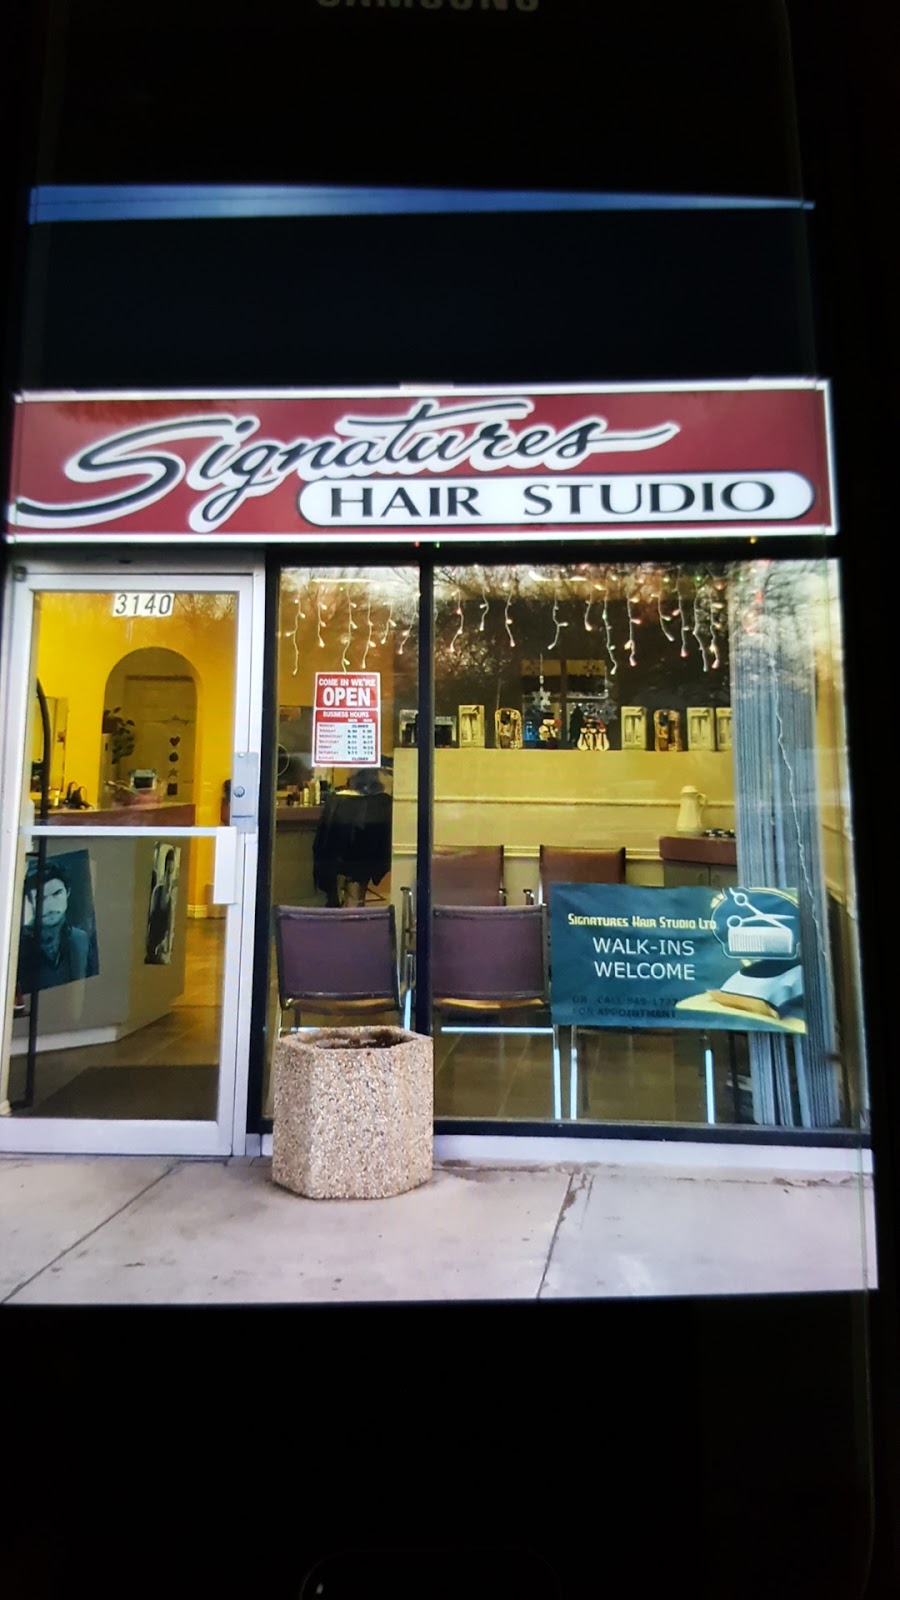 Signatures Hair Studio Ltd | hair care | 3140 Avonhurst Dr, Regina, SK S4R 3J7, Canada | 3069491777 OR +1 306-949-1777